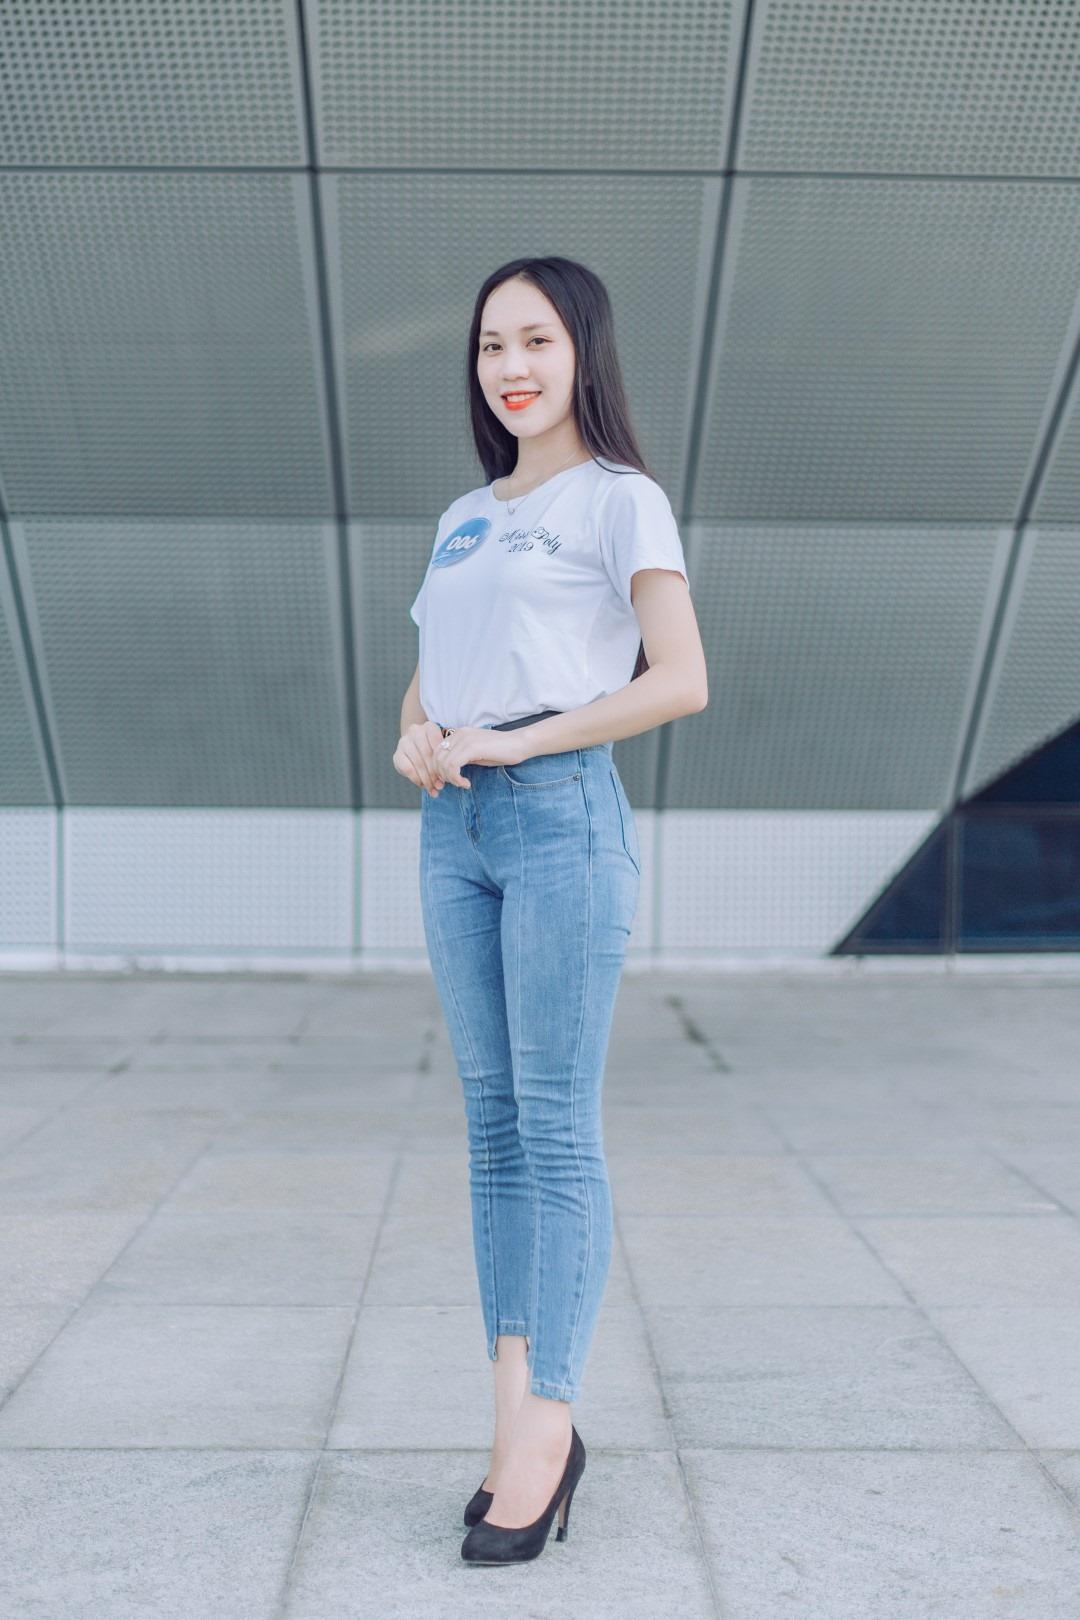 """Ngoại hình """"chuẩn không cần chỉnh"""" của thí sinh Nguyễn Ngọc Ánh, SBD 006."""